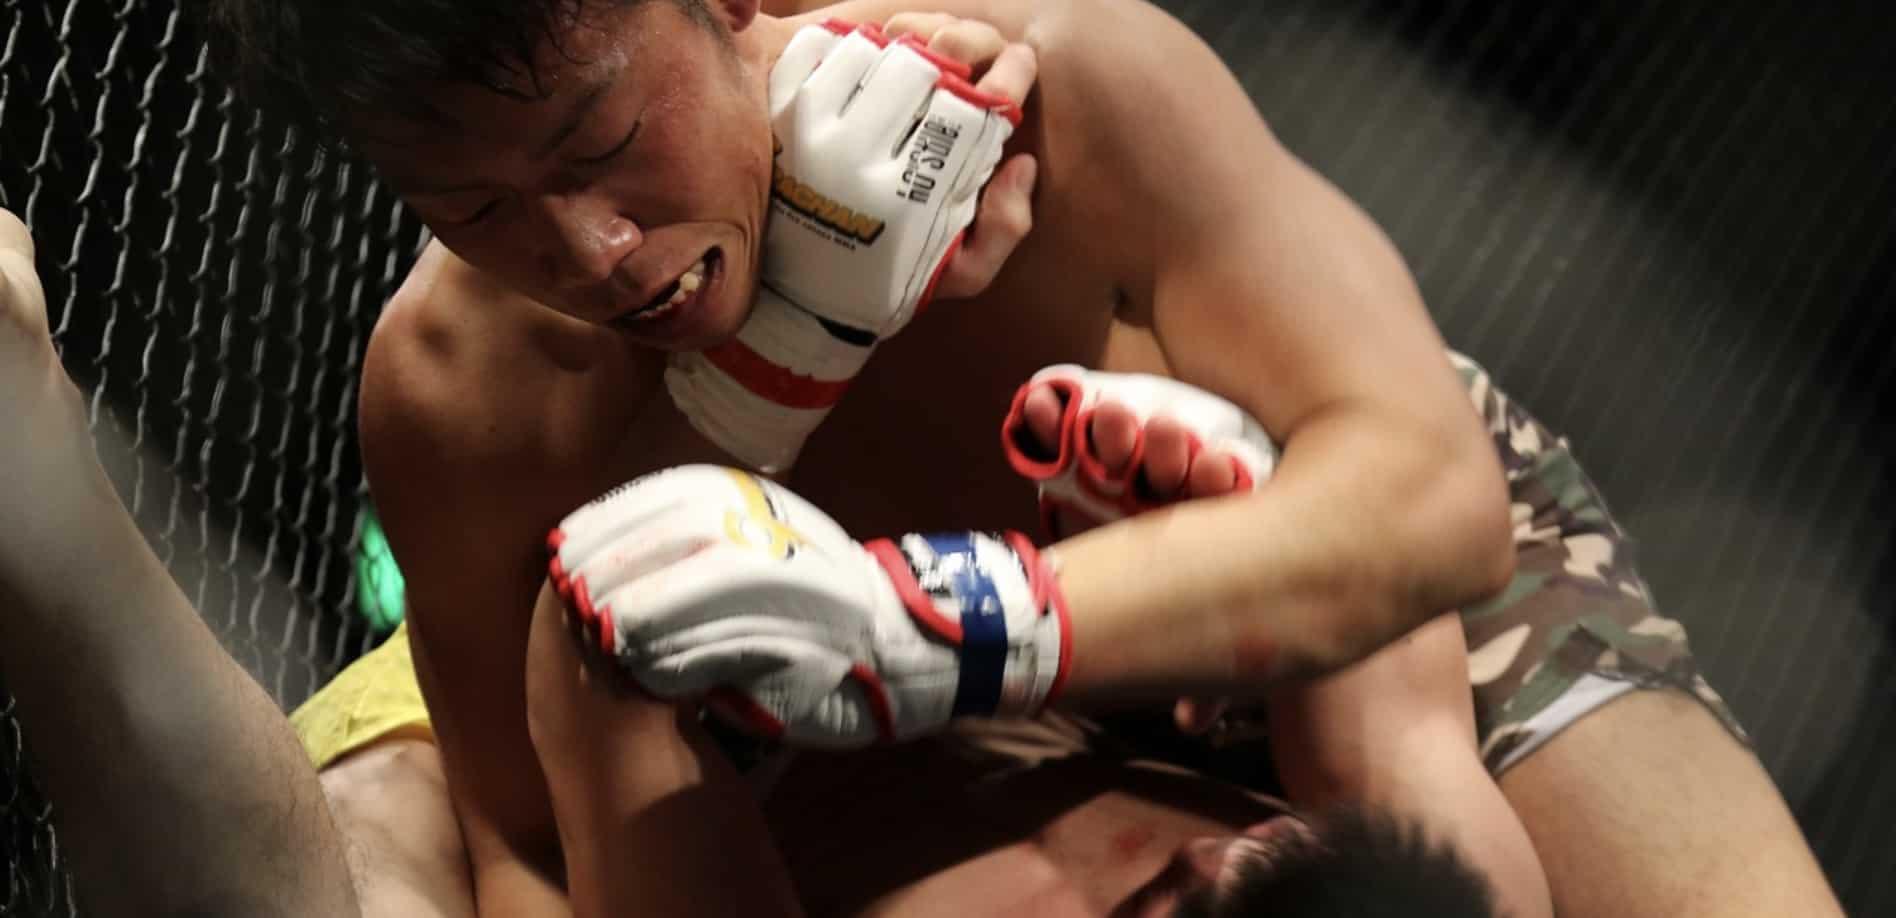 Gdzie zakłady na FAME MMA 4? Obstawianie walk przez internet